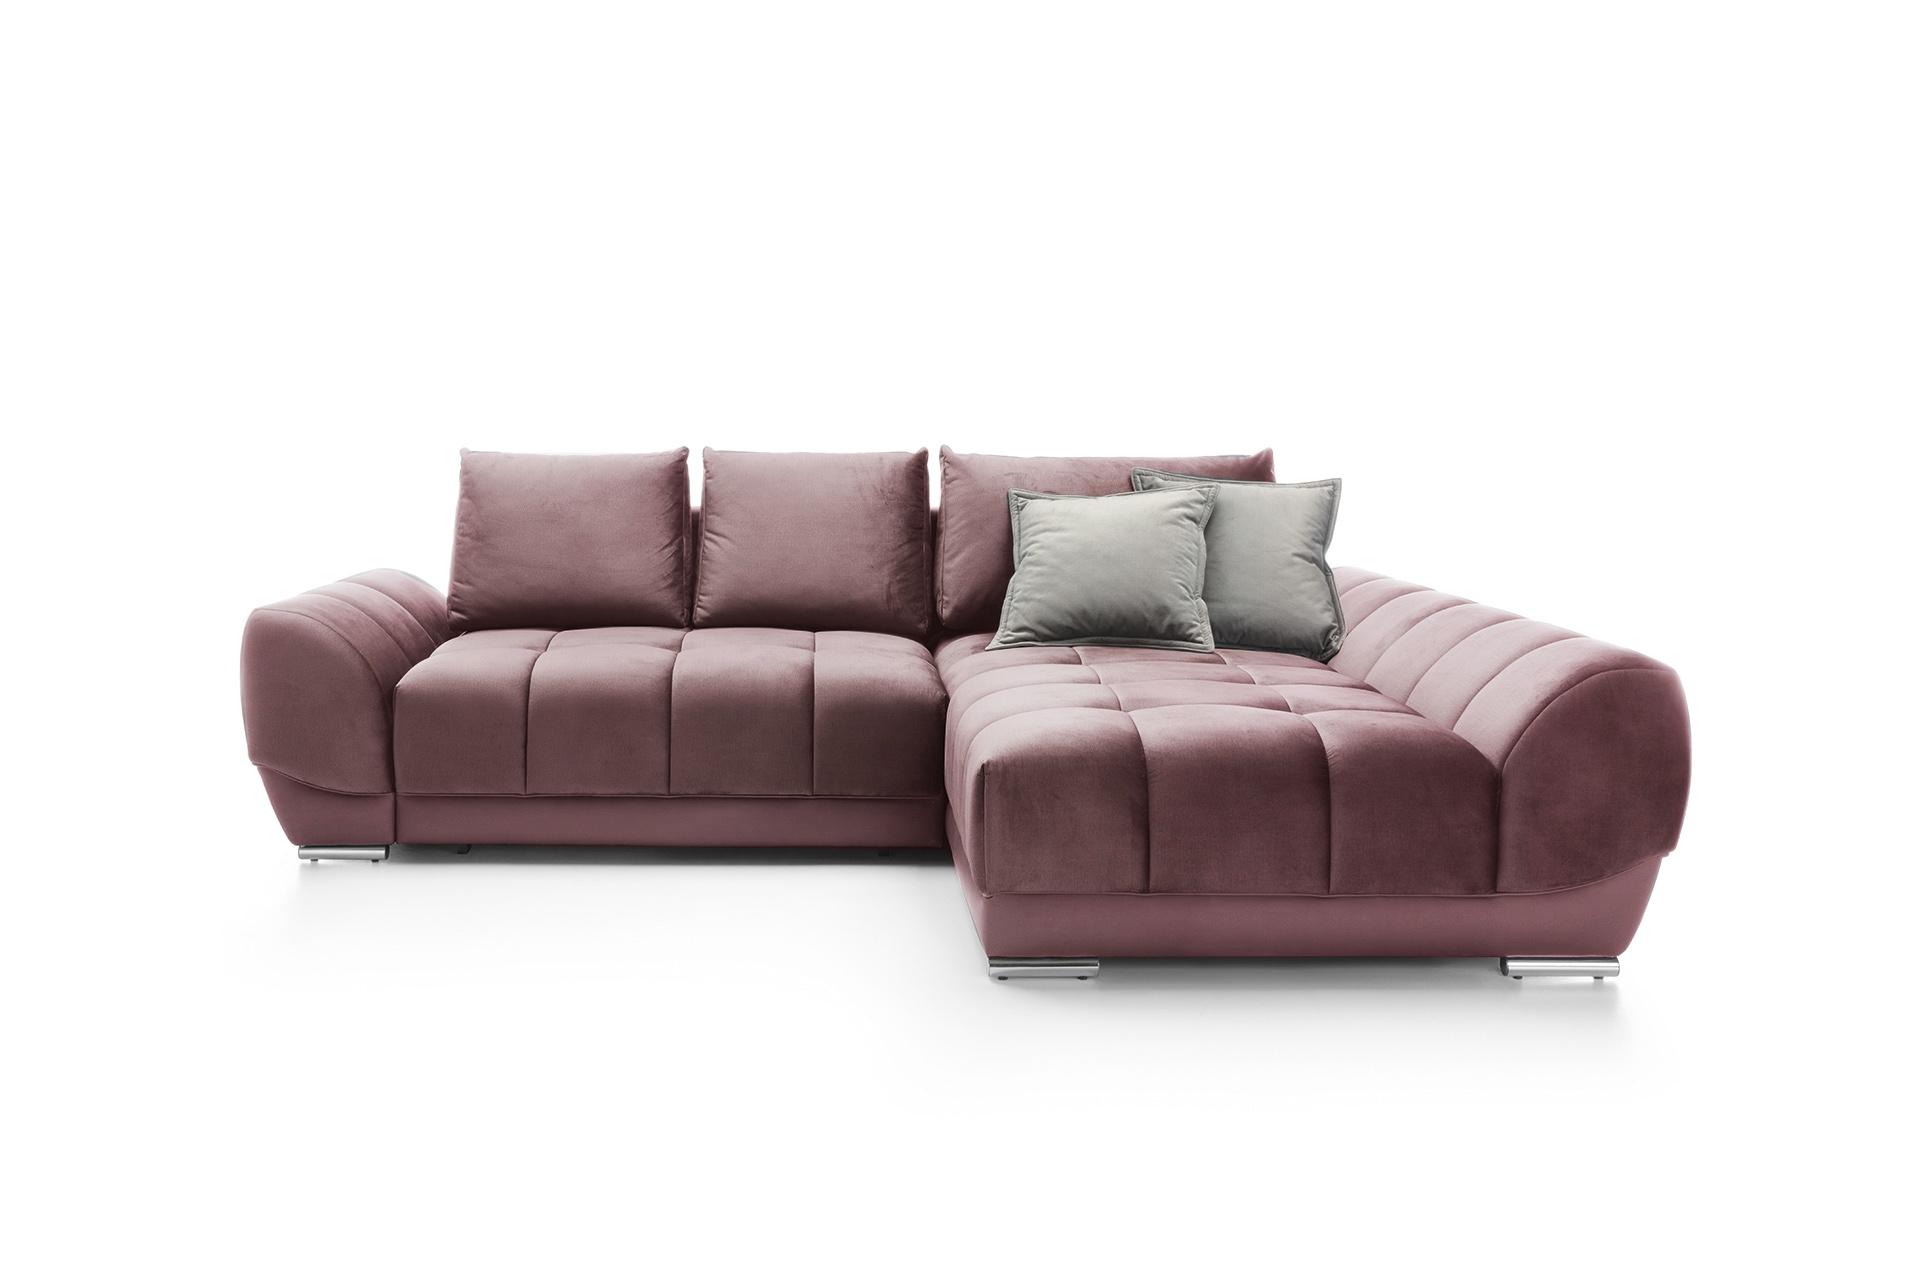 Coltar extensibil cu lada de depozitare cu sezlong pe dreapta Violet Dark Pink l290xA192xH76 cm